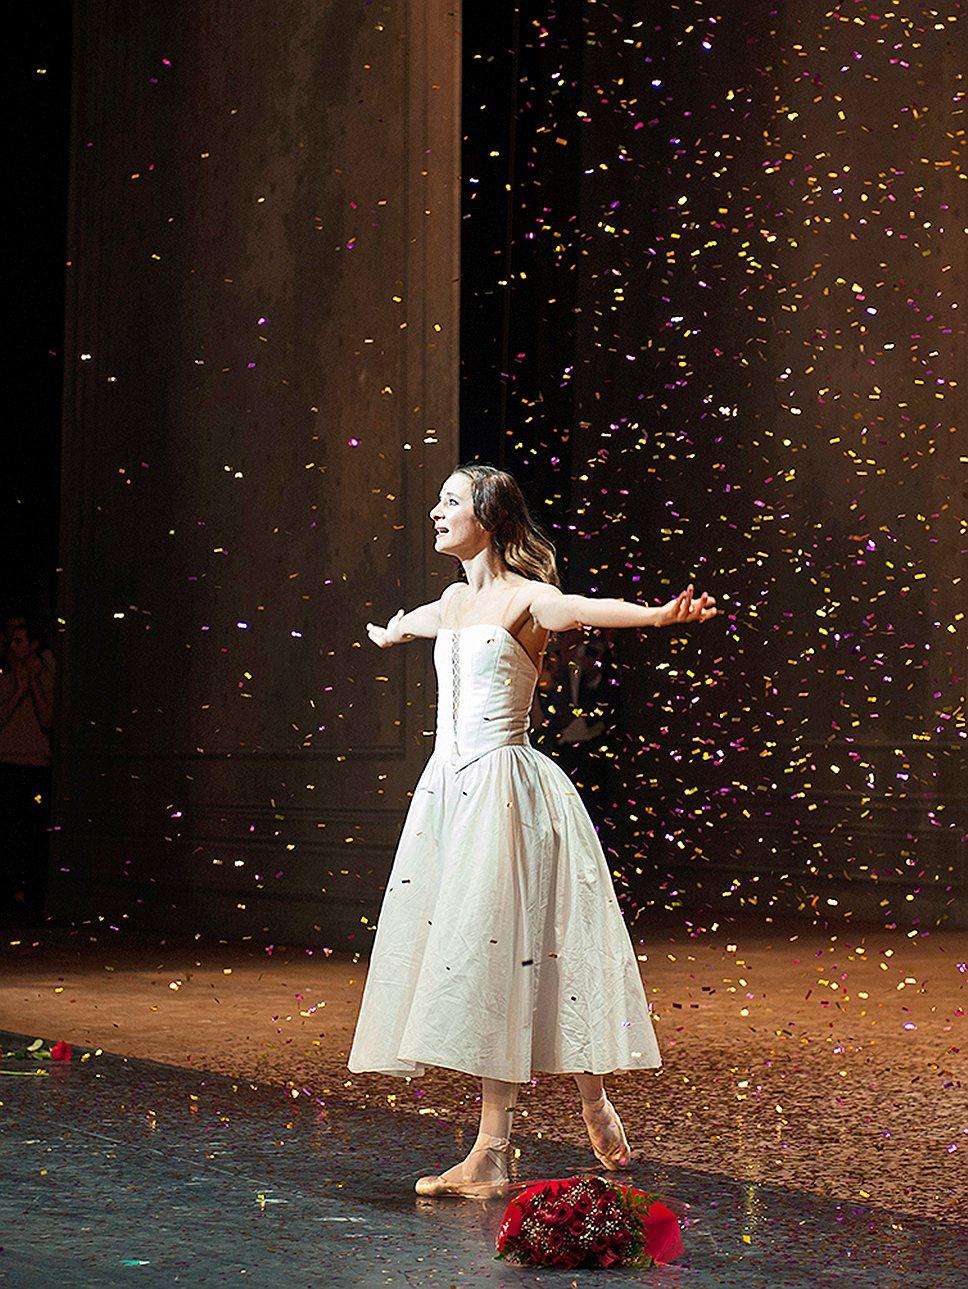 Прощальный спектакль Аньес Летестю завершился дождем из золотой мишуры и двадцатиминутной стоячей овацией зала